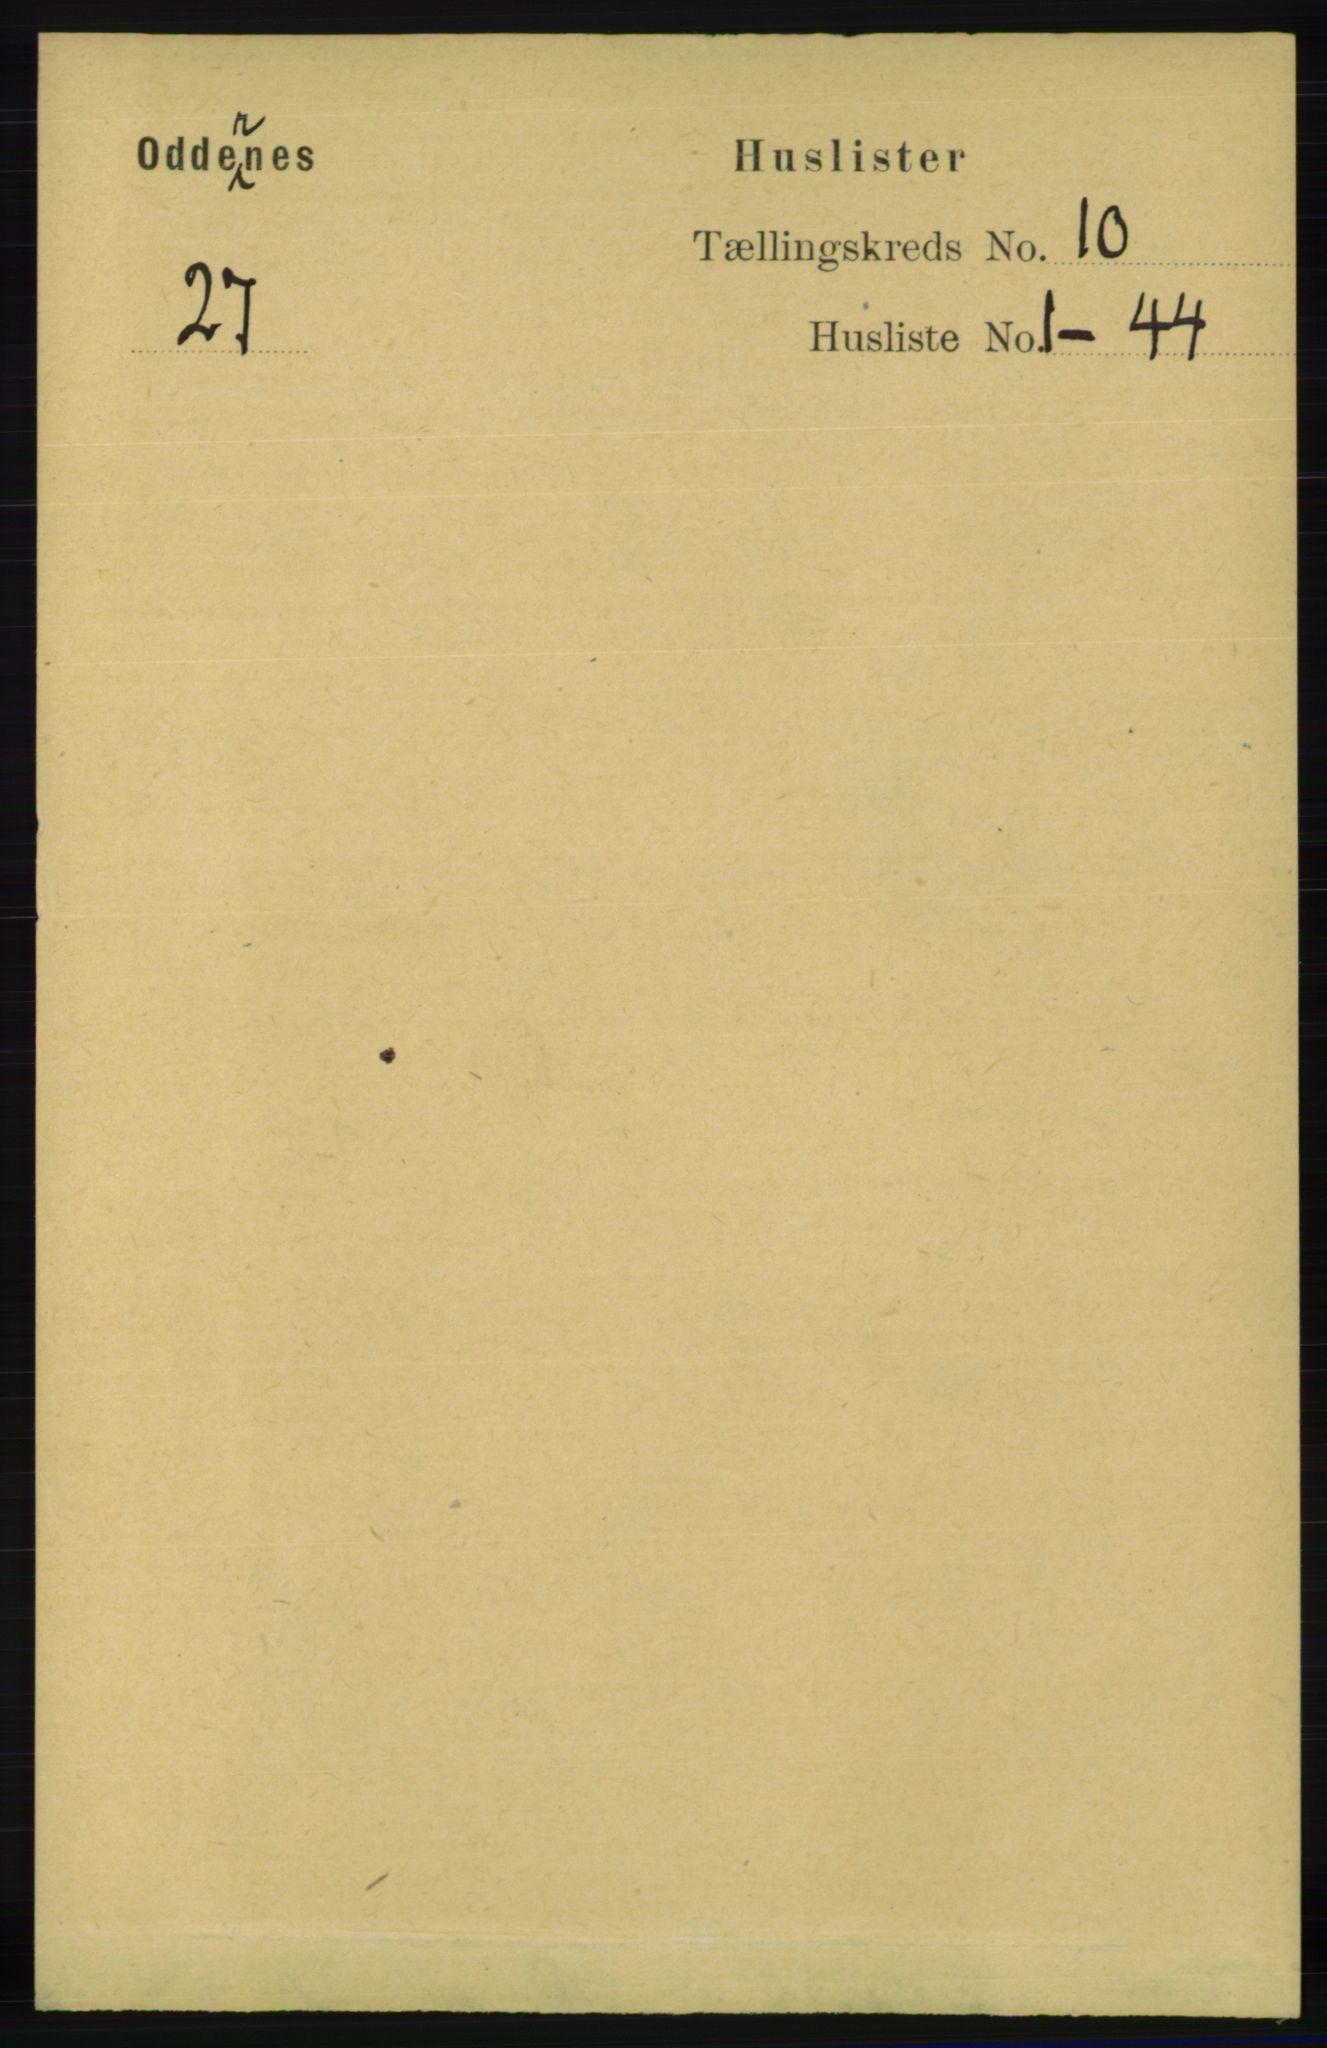 RA, Folketelling 1891 for 1012 Oddernes herred, 1891, s. 3798